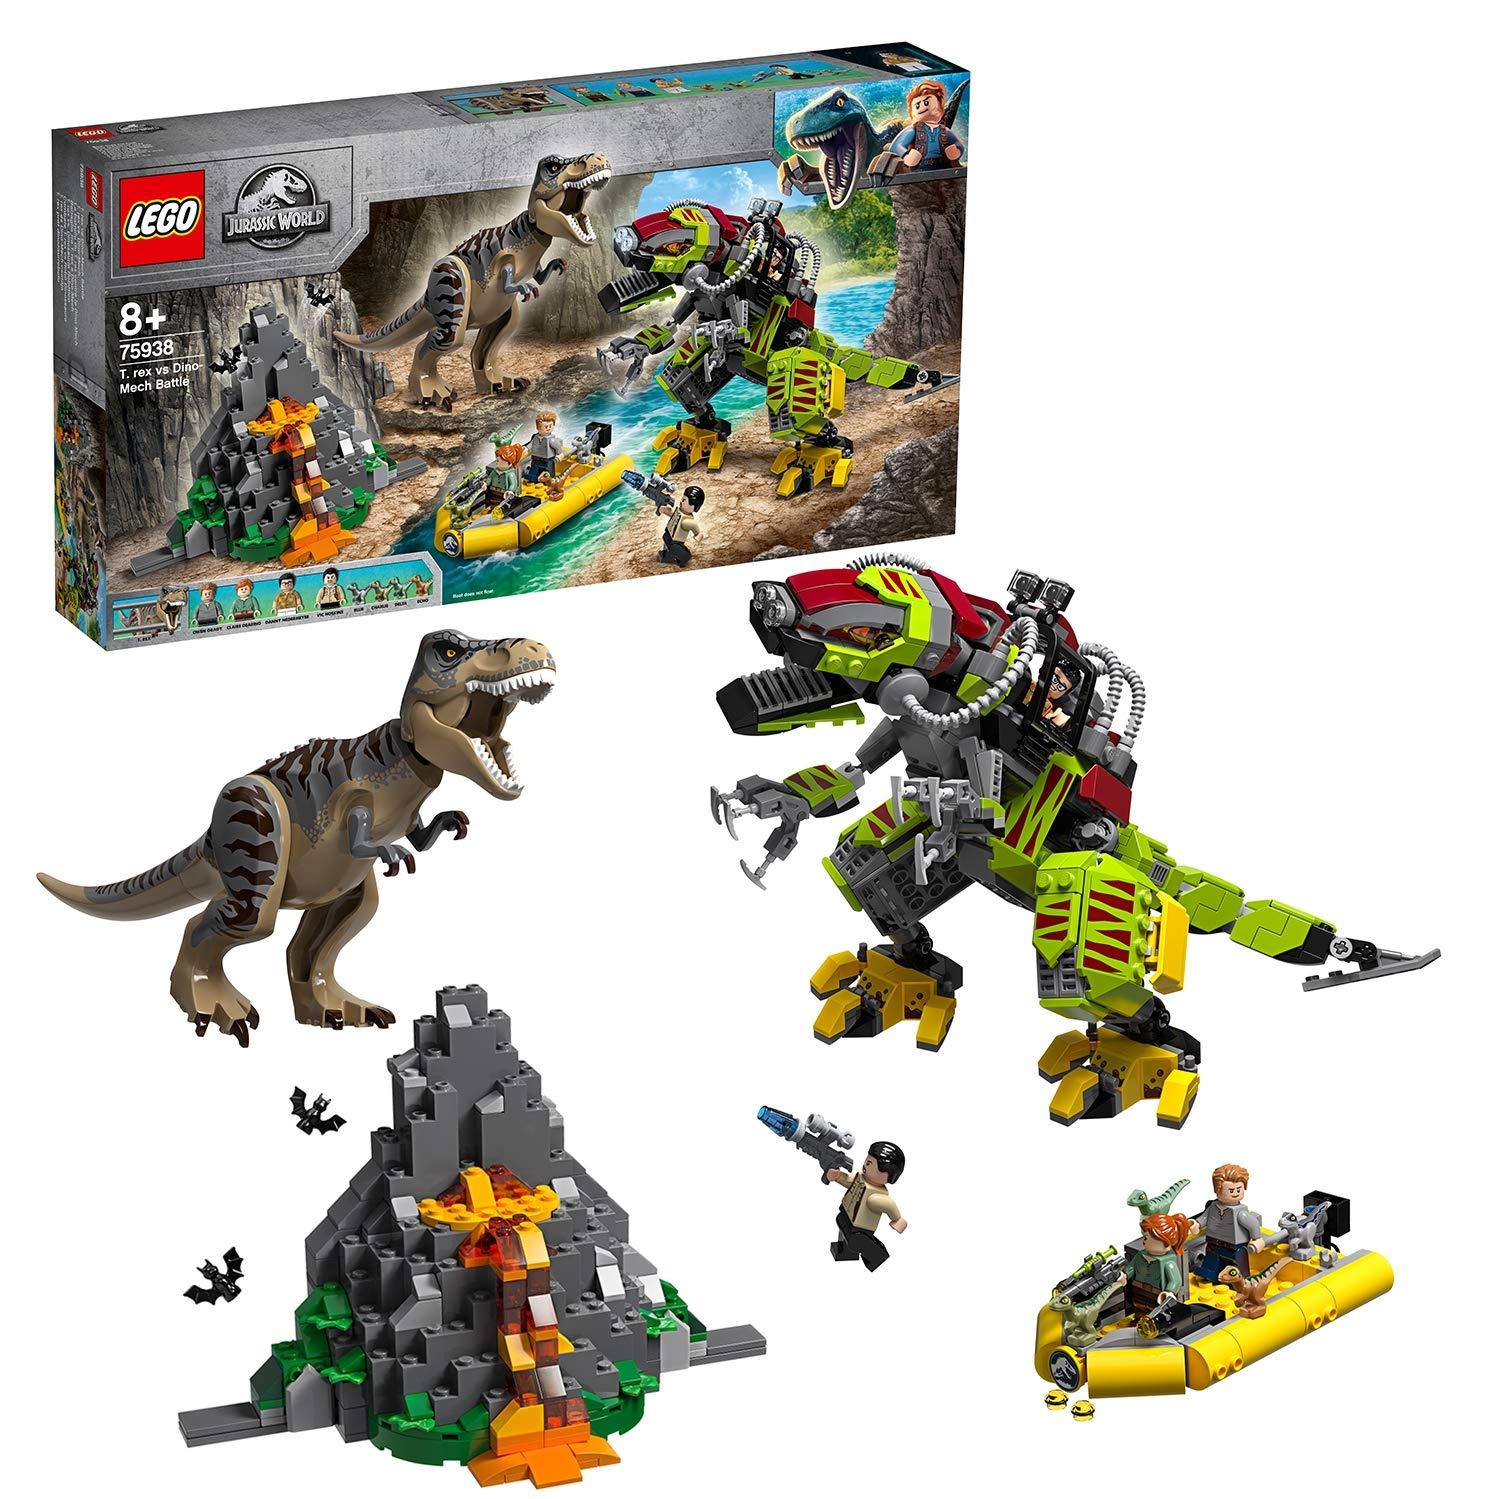 LEGO Jurassic World 75938 @ amazon UK